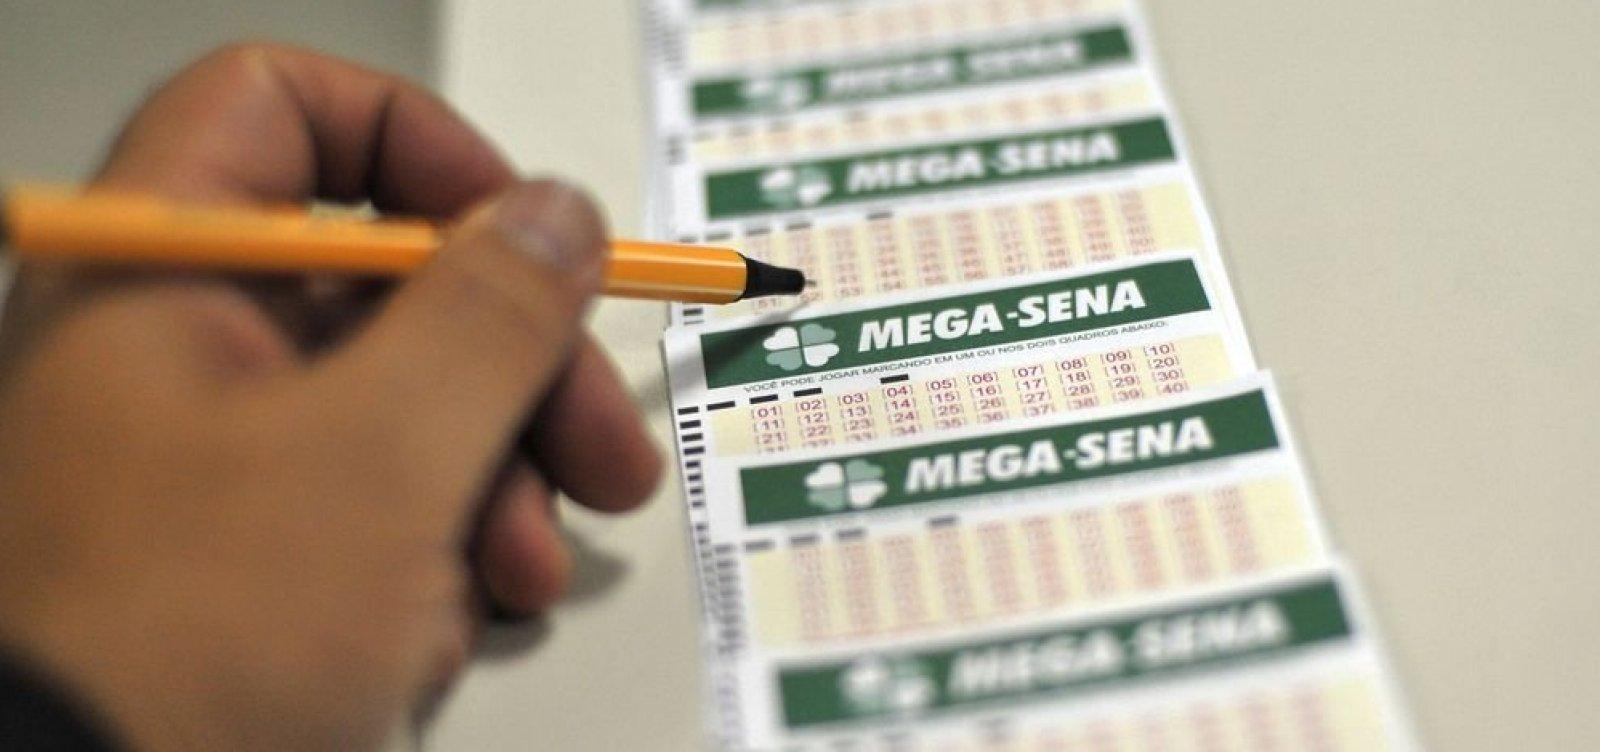 [Sorteio da Mega Sena pode pagar prêmio histórico de R$ 275 milhões]